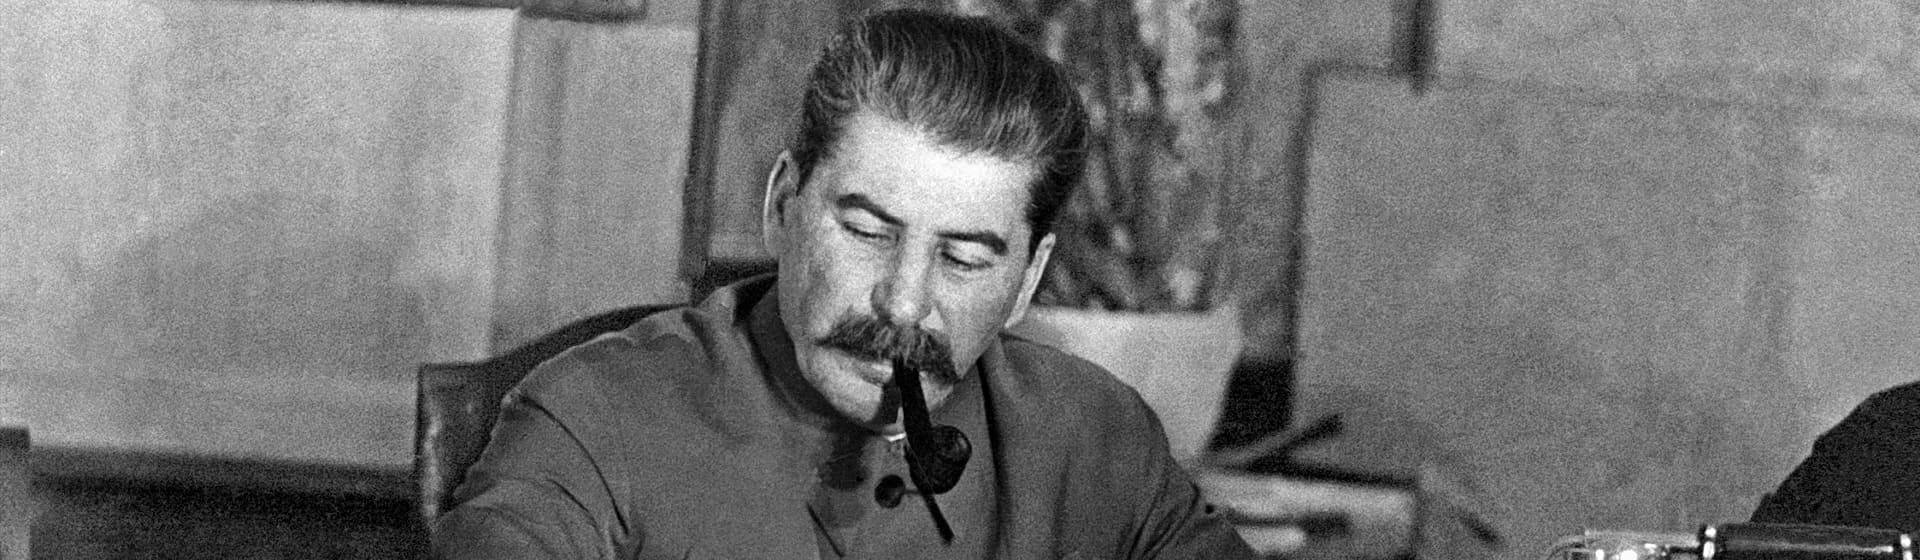 Иосиф Сталин - Мерч и одежда с атрибутикой